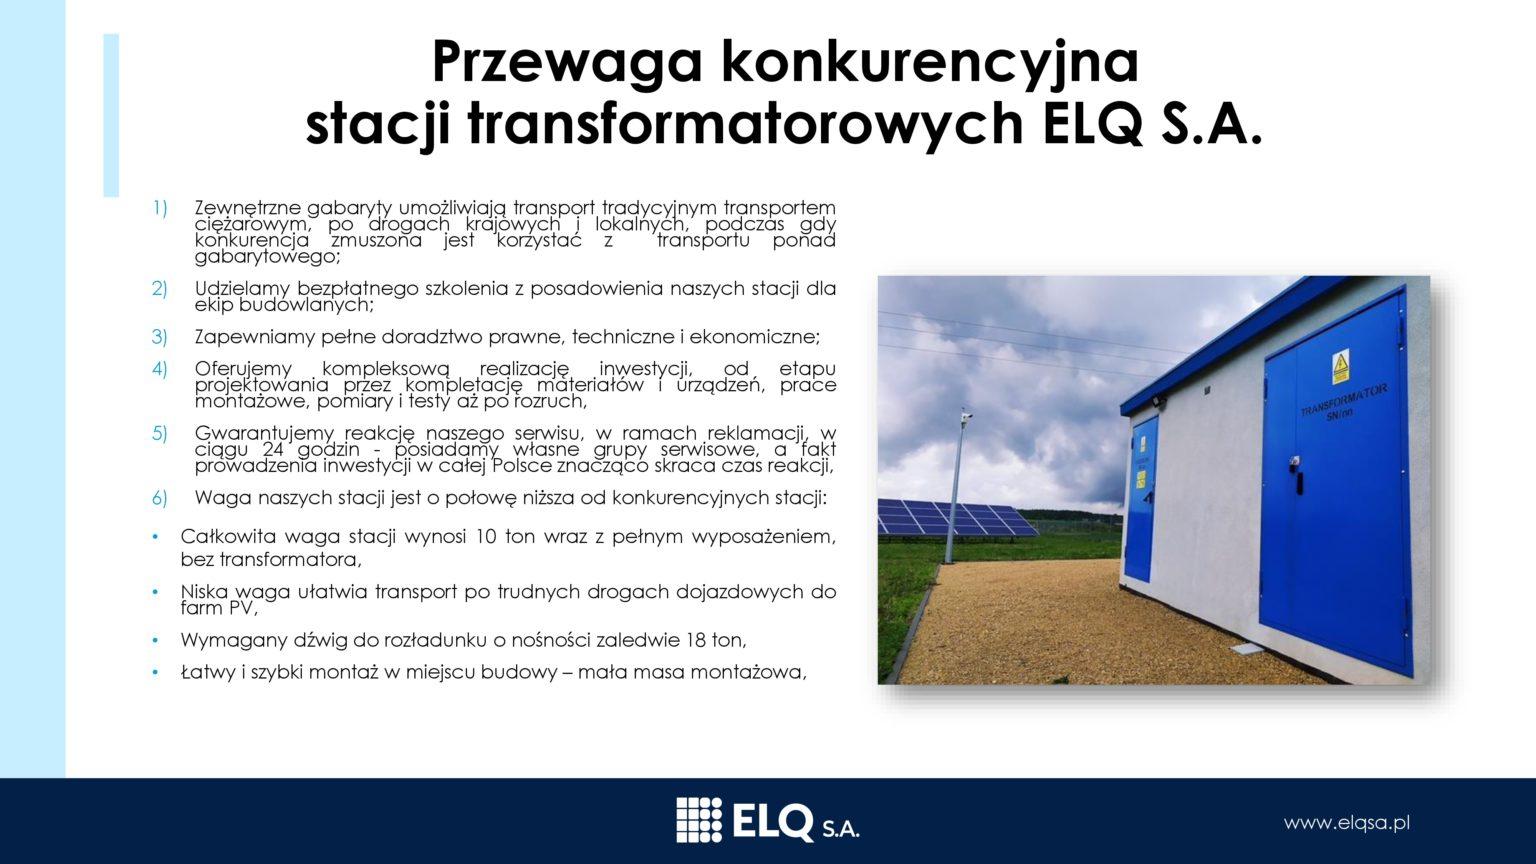 Zalety iprzewaga konkurencyjna ELQ3